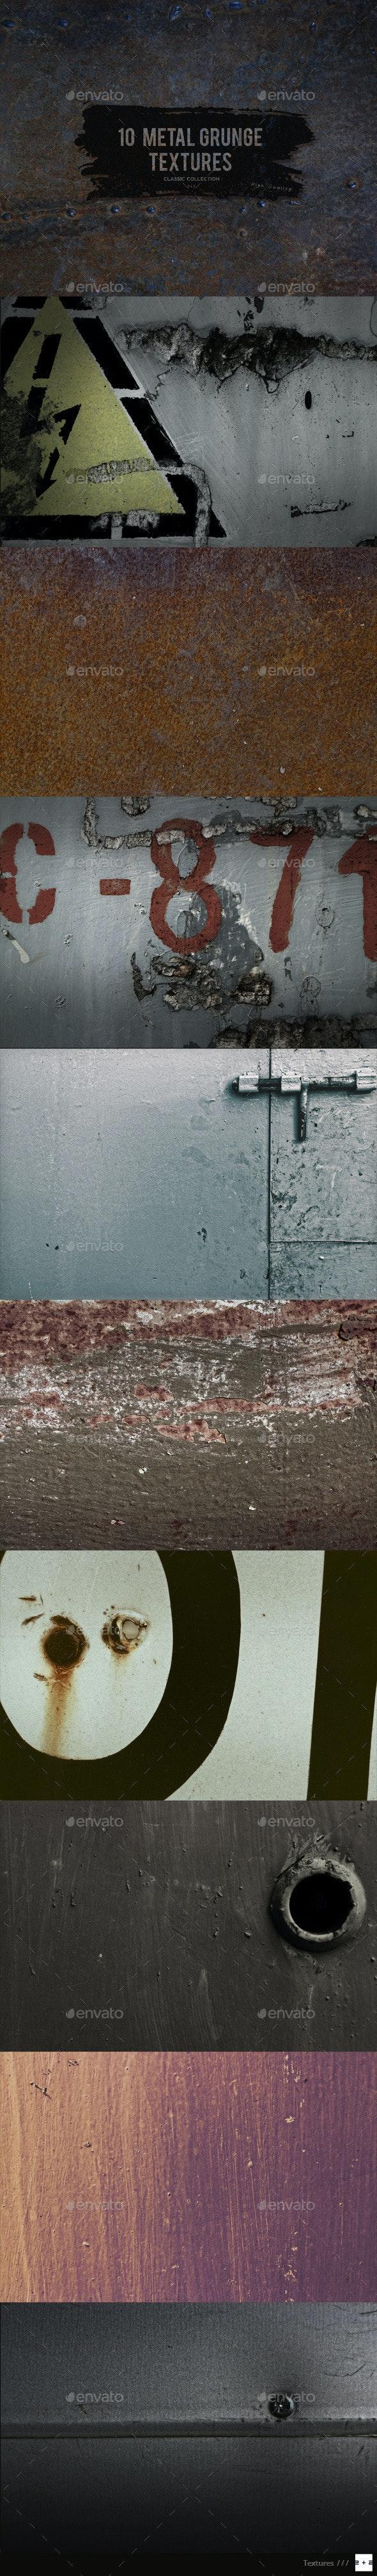 10 Metal Grunge Textures - Industrial / Grunge Textures